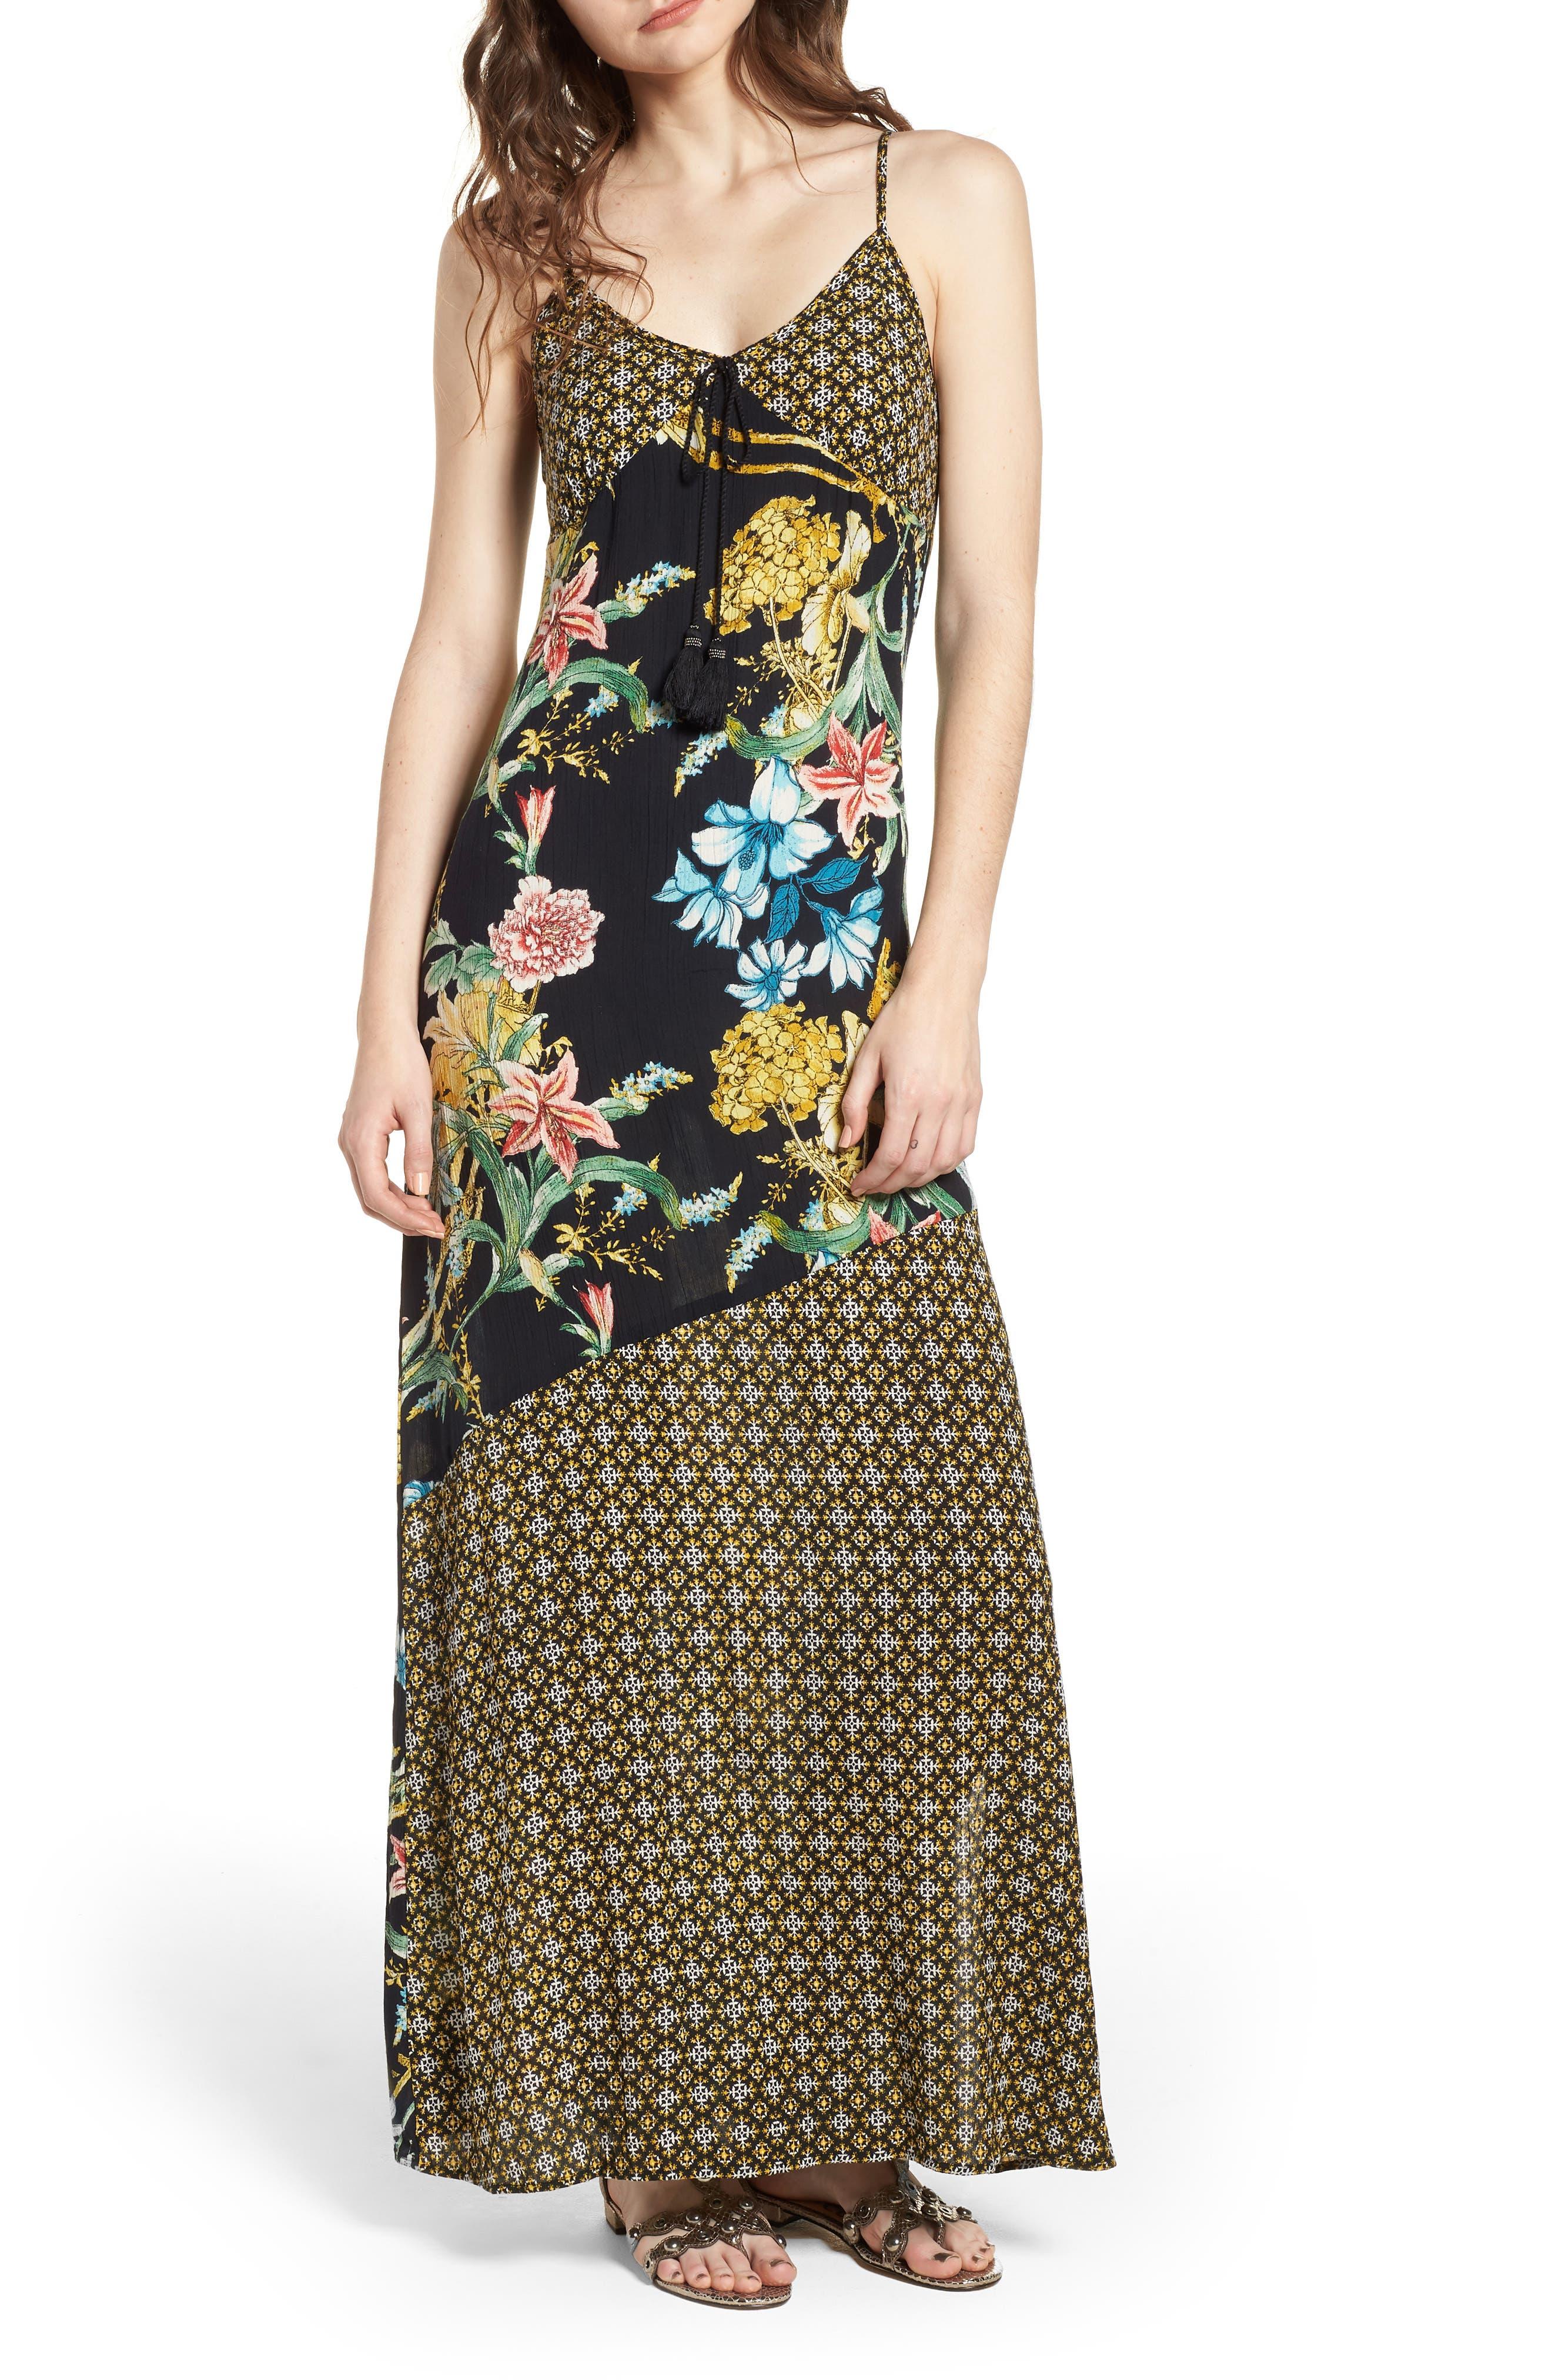 Tropical Mixed Print Maxi Dress,                             Main thumbnail 1, color,                             Black/ Yellow